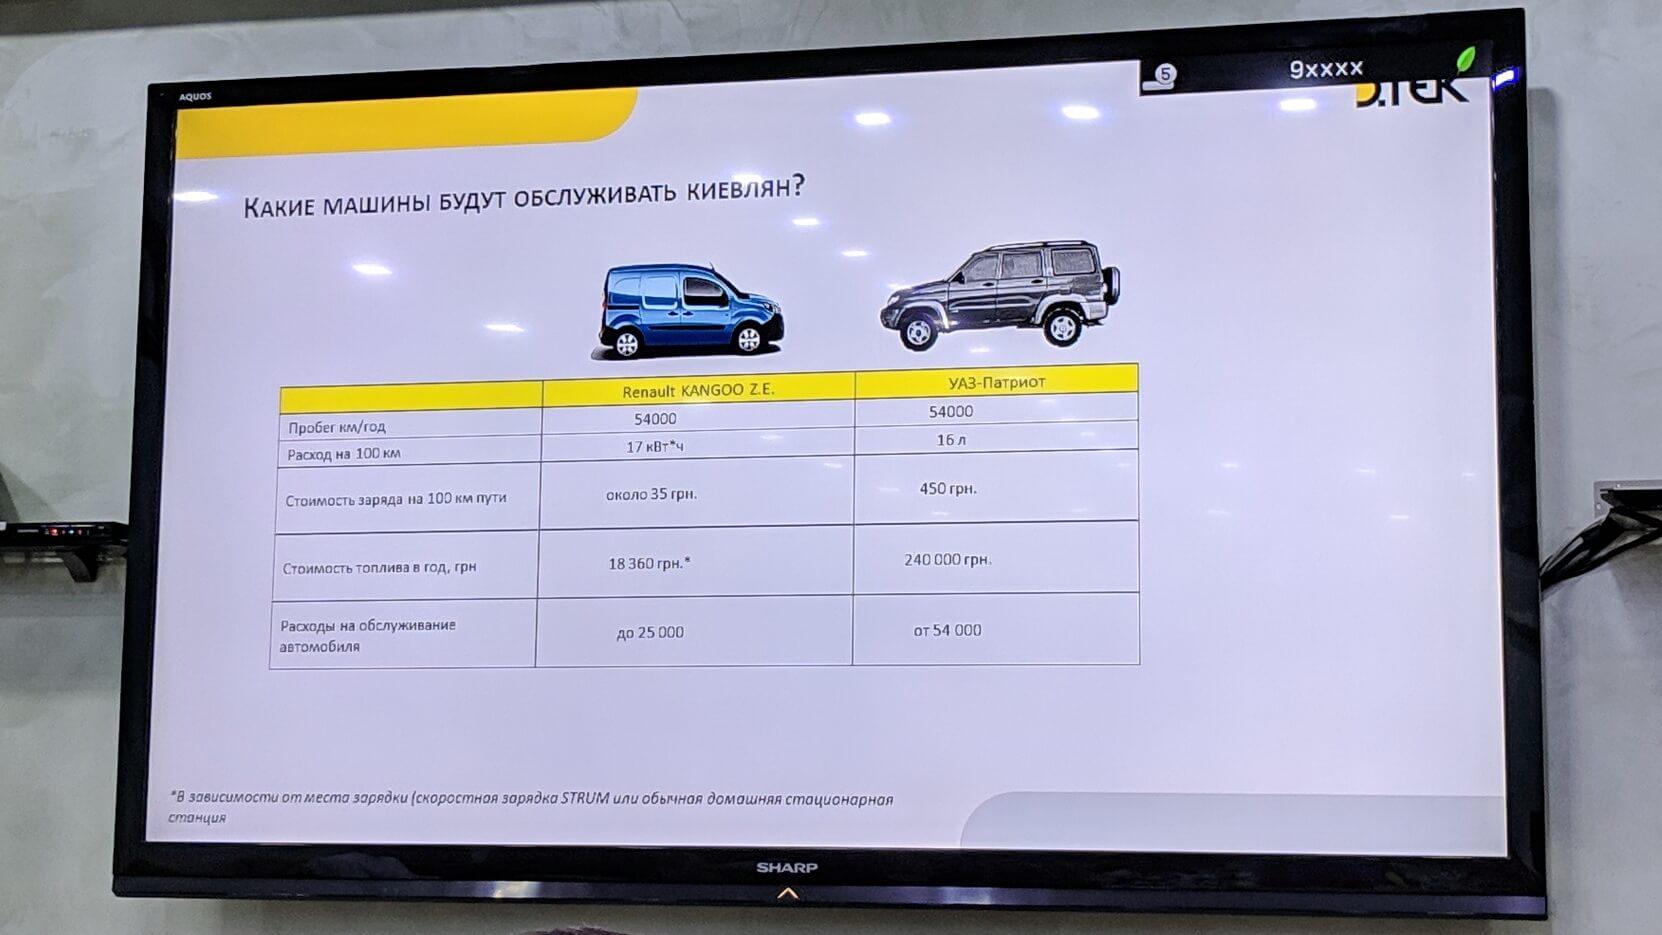 Сравнение стоимости обслуживания Renault Kangoo Z.E. и УАЗ-Патриот